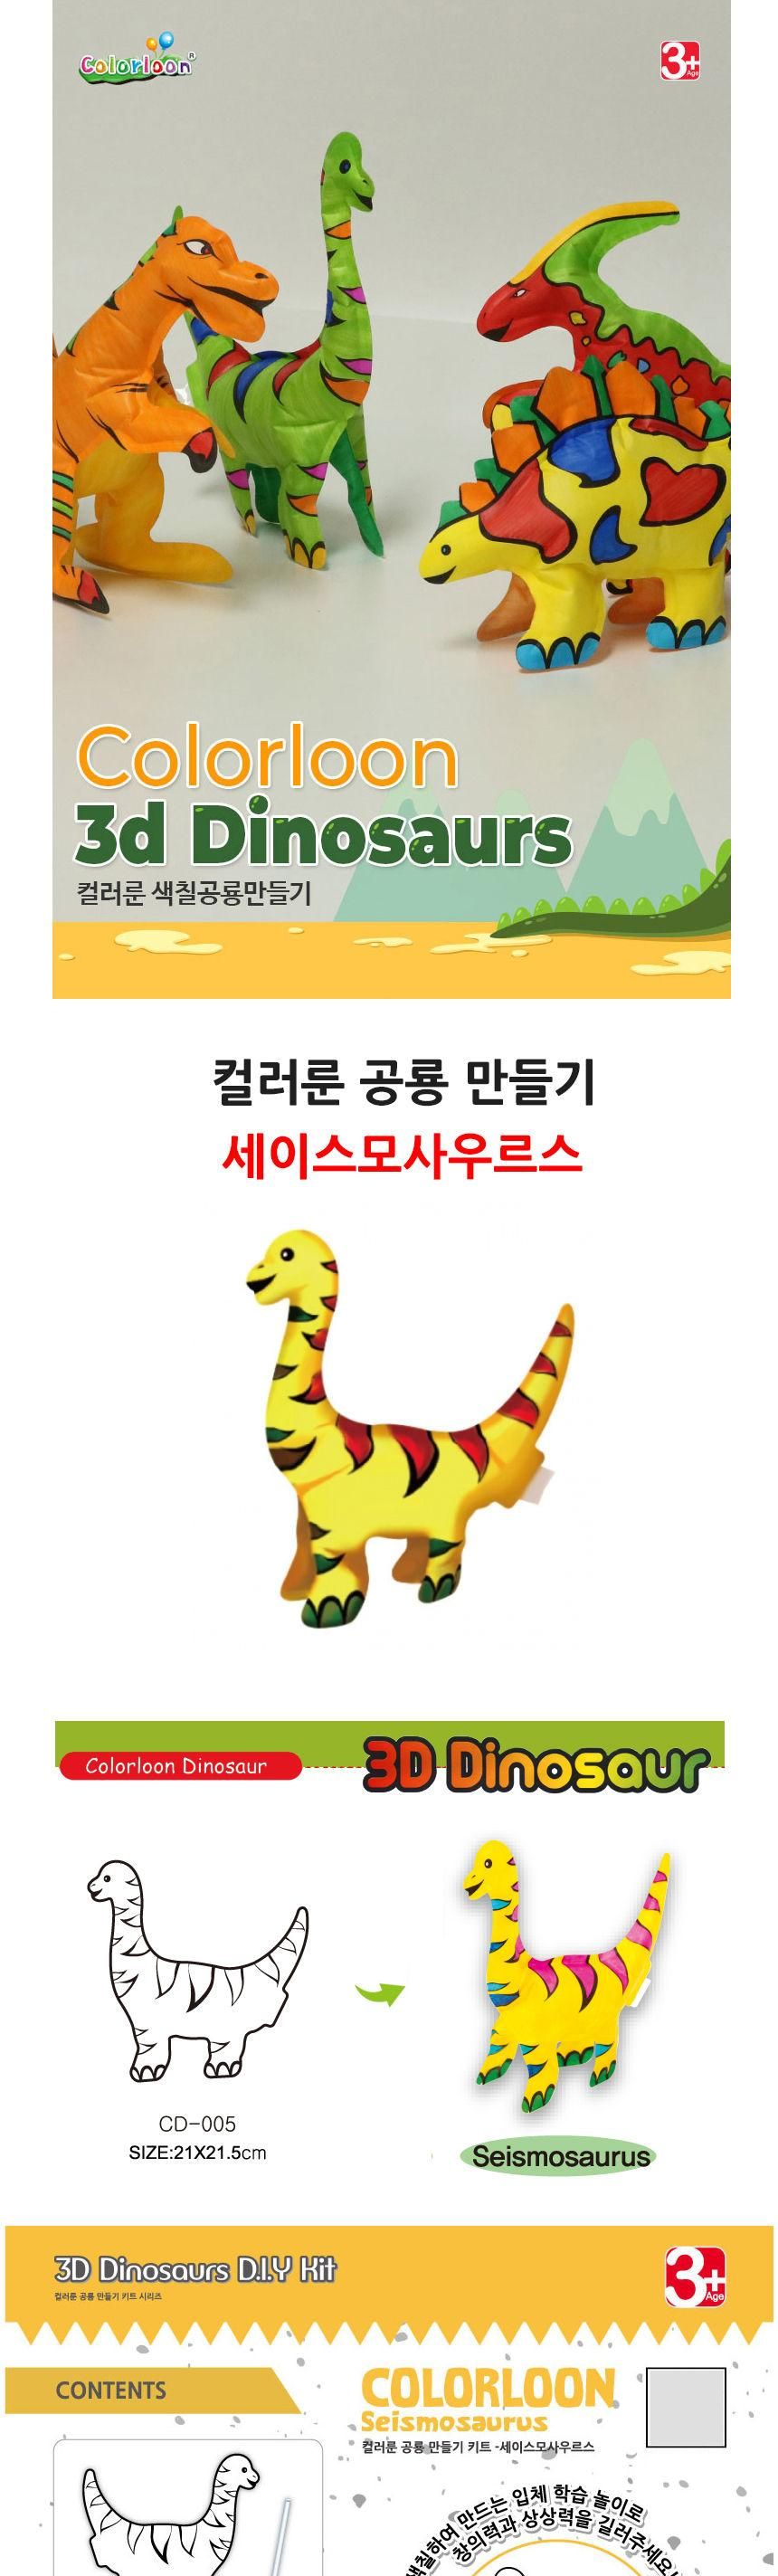 컬러룬 공룡 만들기 (세이스모사우르스) 소풍풍선 풍 소풍풍선 풍선장난감 생일잔치풍선 파티용품 파티풍선장식